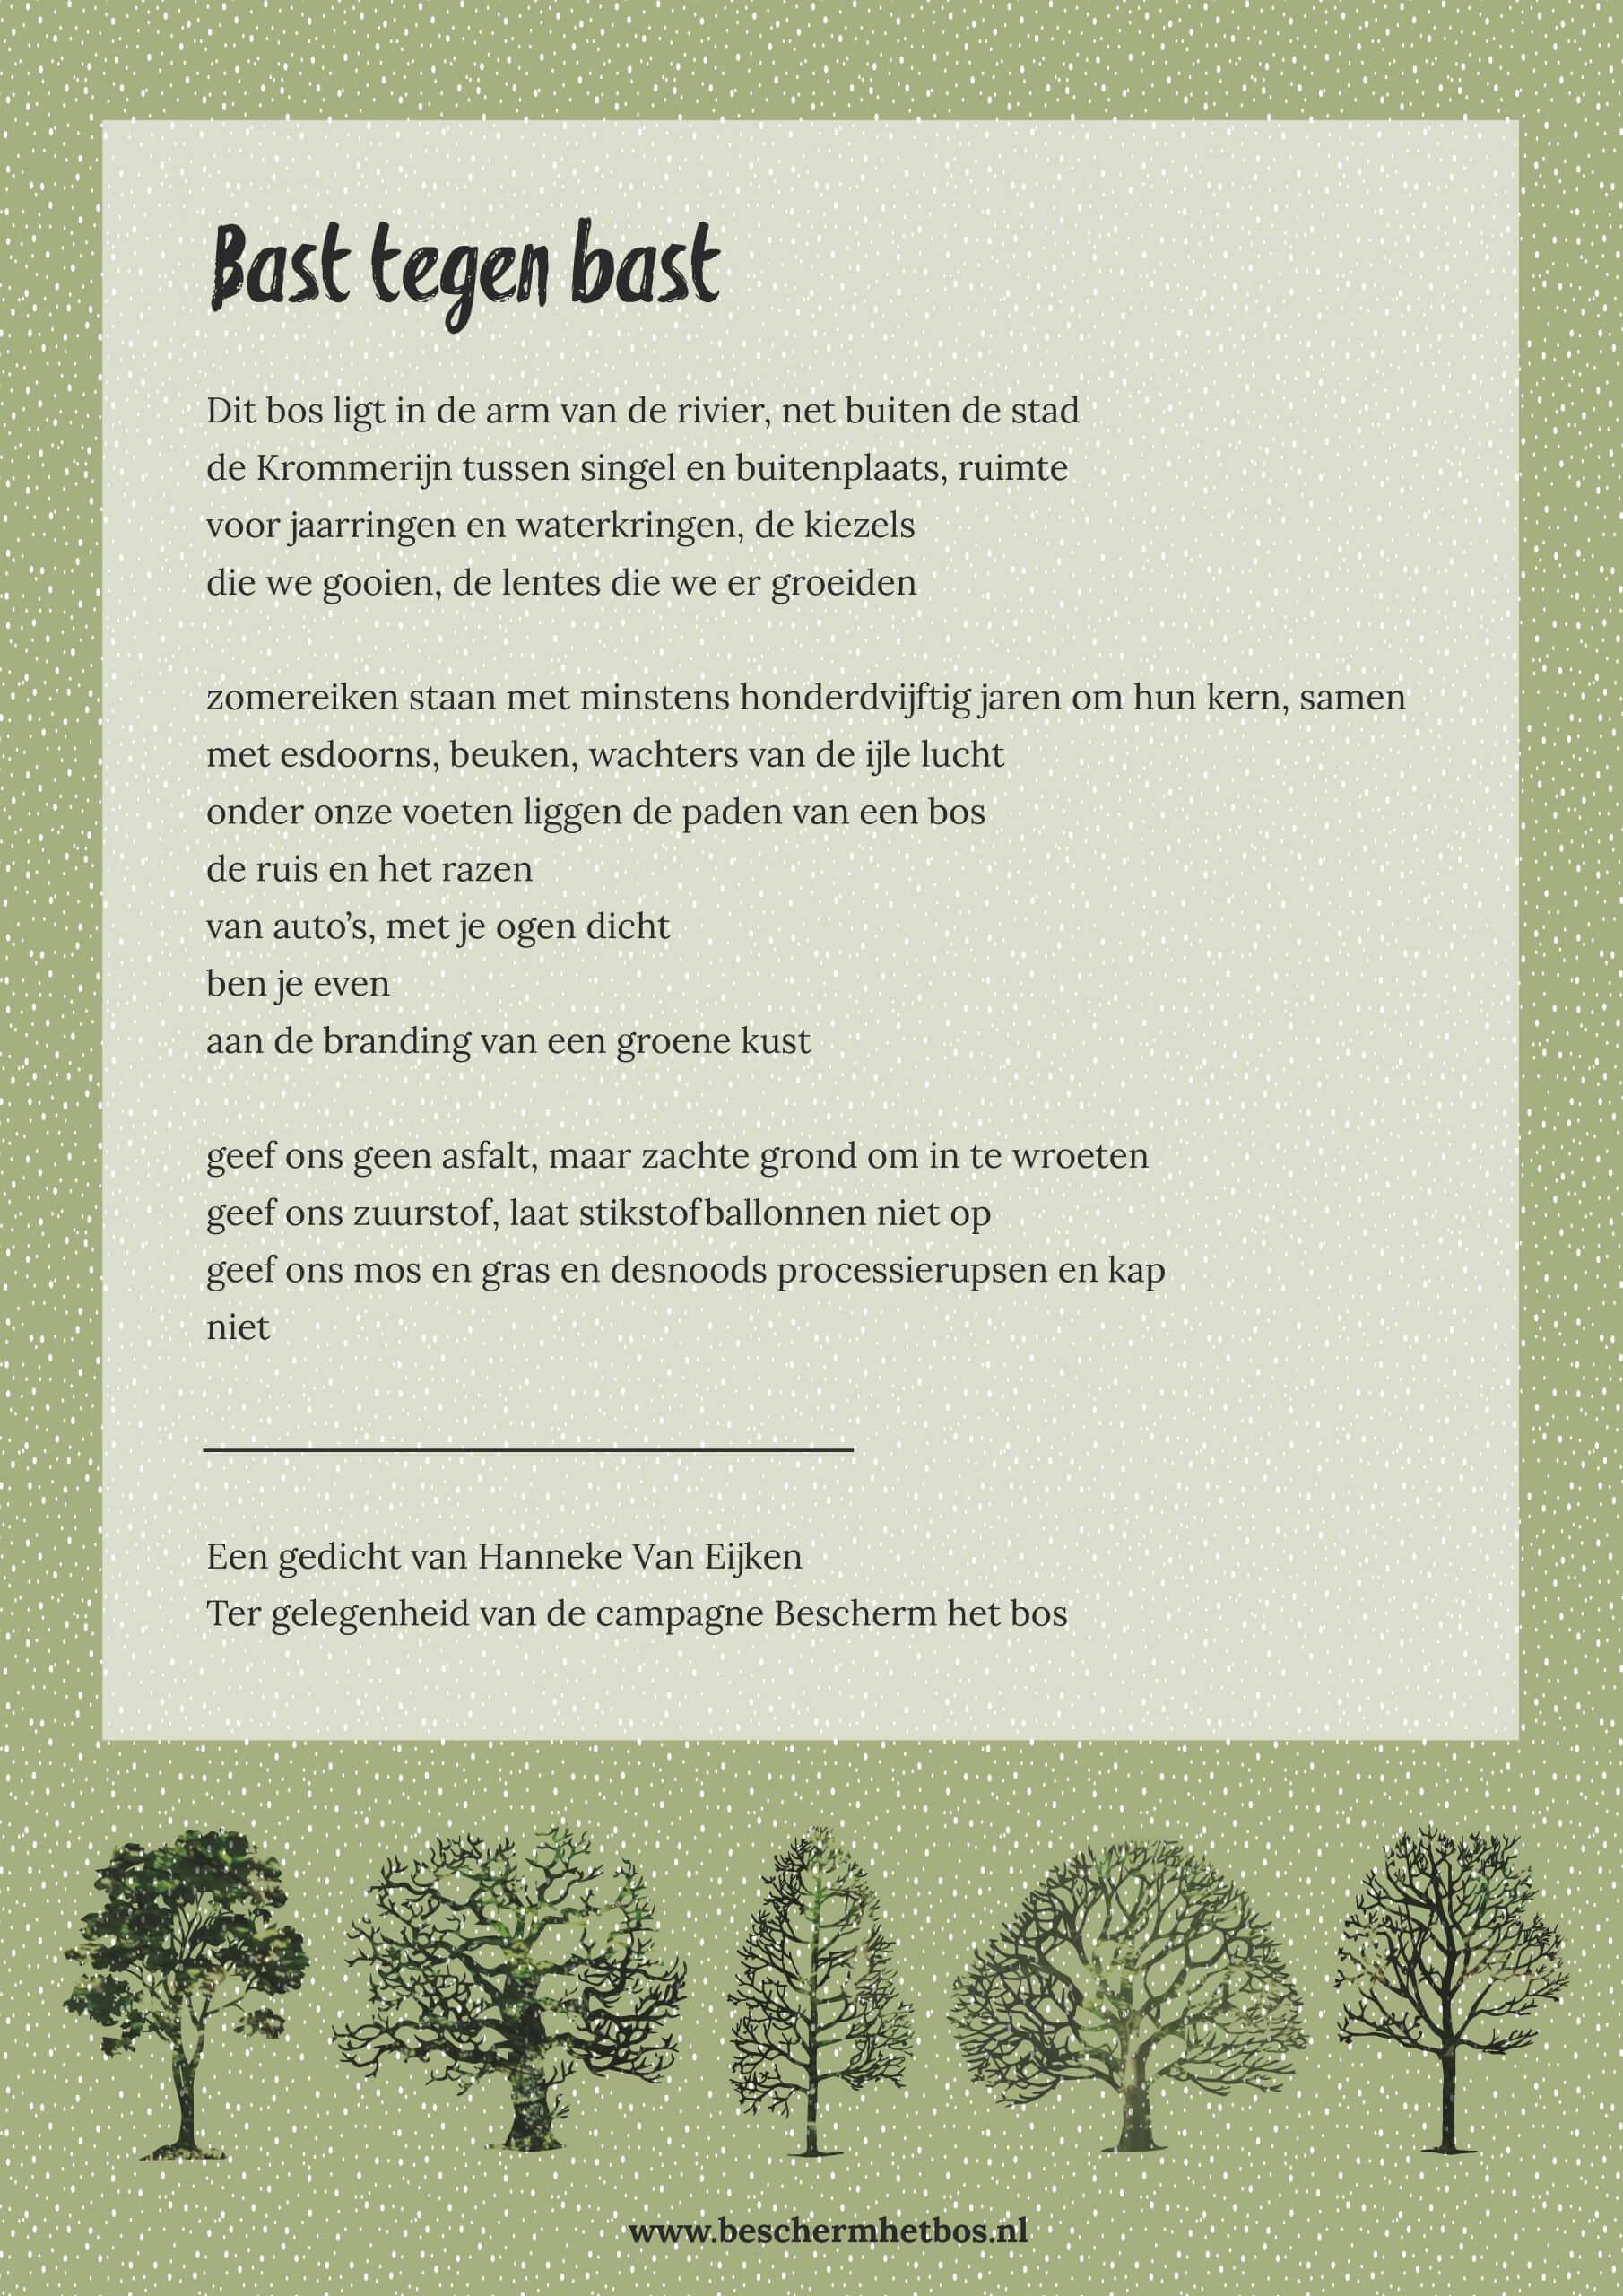 Gedicht Hannke van Eijken Amelisweerd